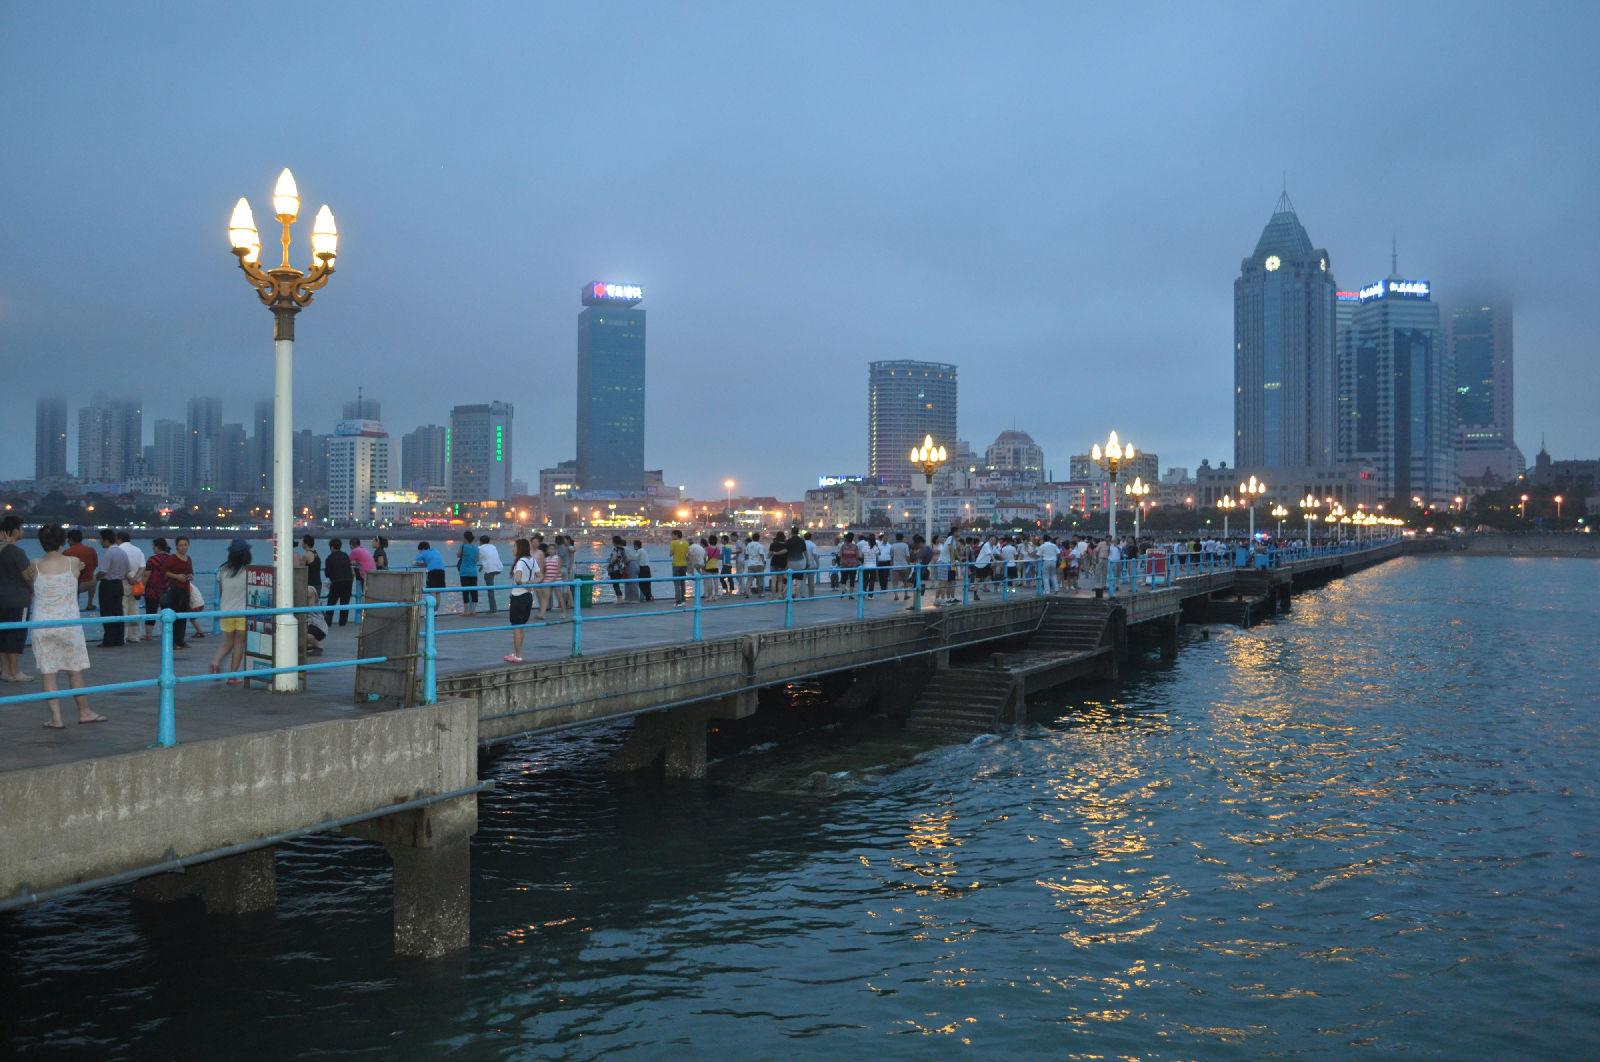 """位于市委,市政府大楼南,香港中路与东海西路之间,是城市东部新的休闲旅游中心。广场以东海路为界分为南北两部分,中轴线上市政府办公大楼、隐式喷泉、点阵喷泉、""""五月的风""""雕塑及海上百米喷泉,富于节奏地展现出庄重、坚实、蓬勃向上的壮丽景象,在大面积草坪和风景林衬托下,更加生机勃勃,充满现代气息。主体雕塑""""五月的风""""以螺旋上升的风的造型和火红的色彩,充分体现了""""五四运动""""反帝反封建的爱国主义基调和张扬腾升的民族力量。作品与周围海天自然环境以及园"""